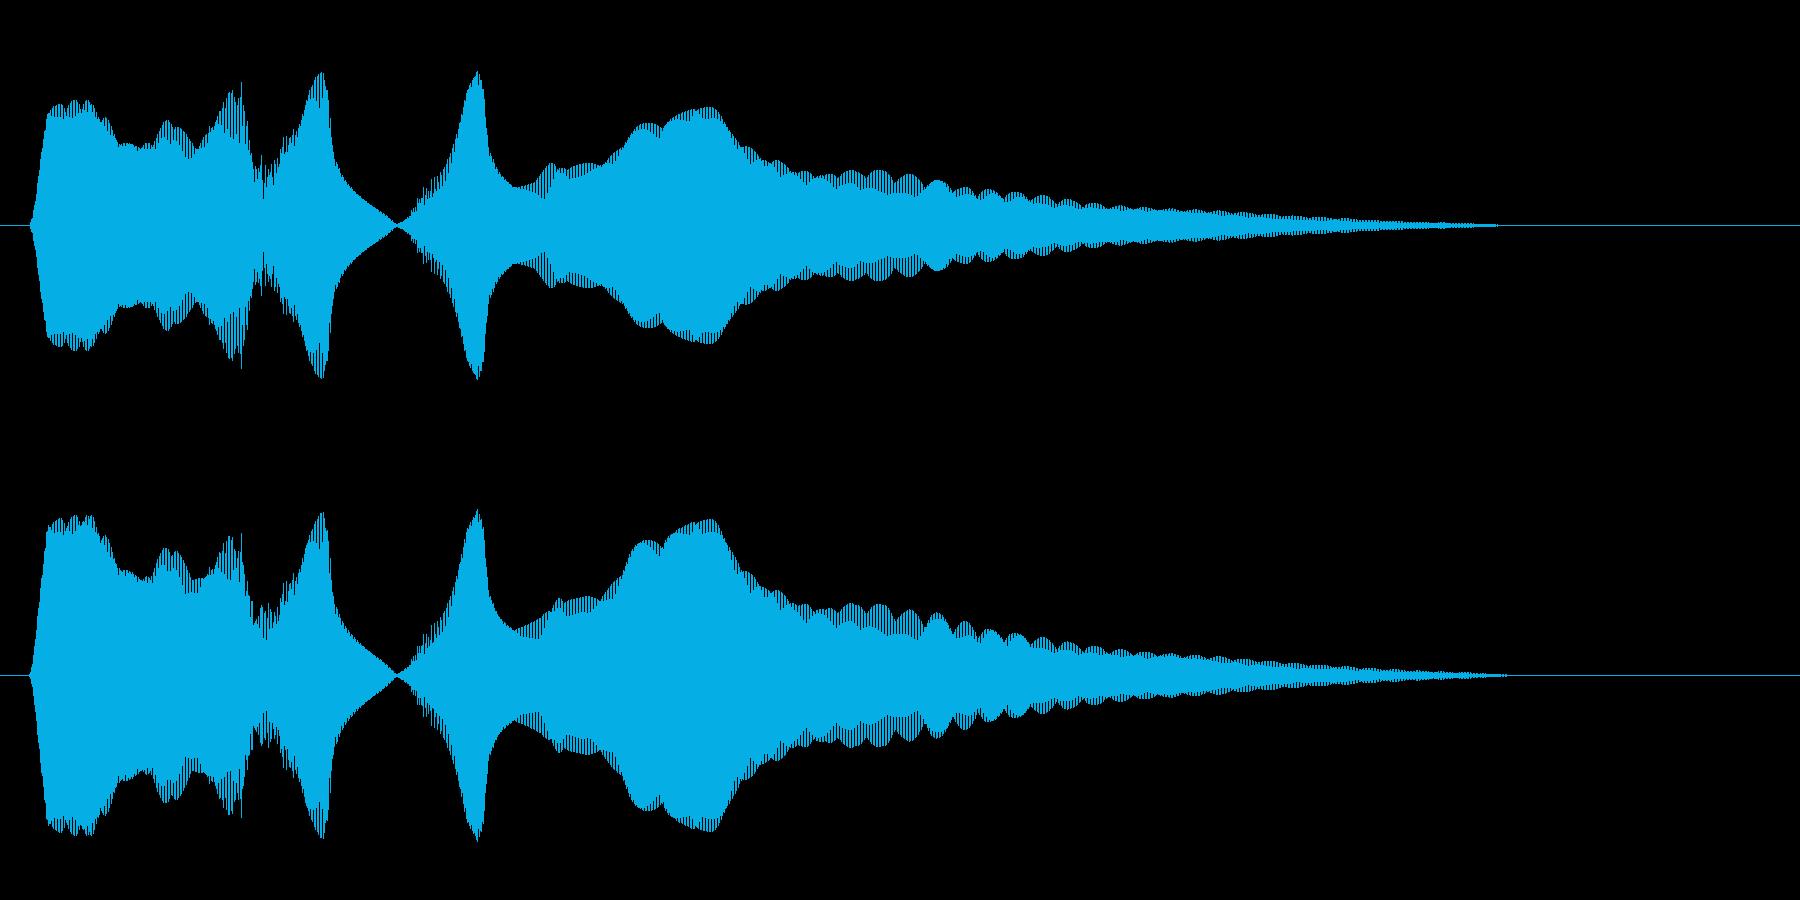 キュイーン(金属音系)の再生済みの波形